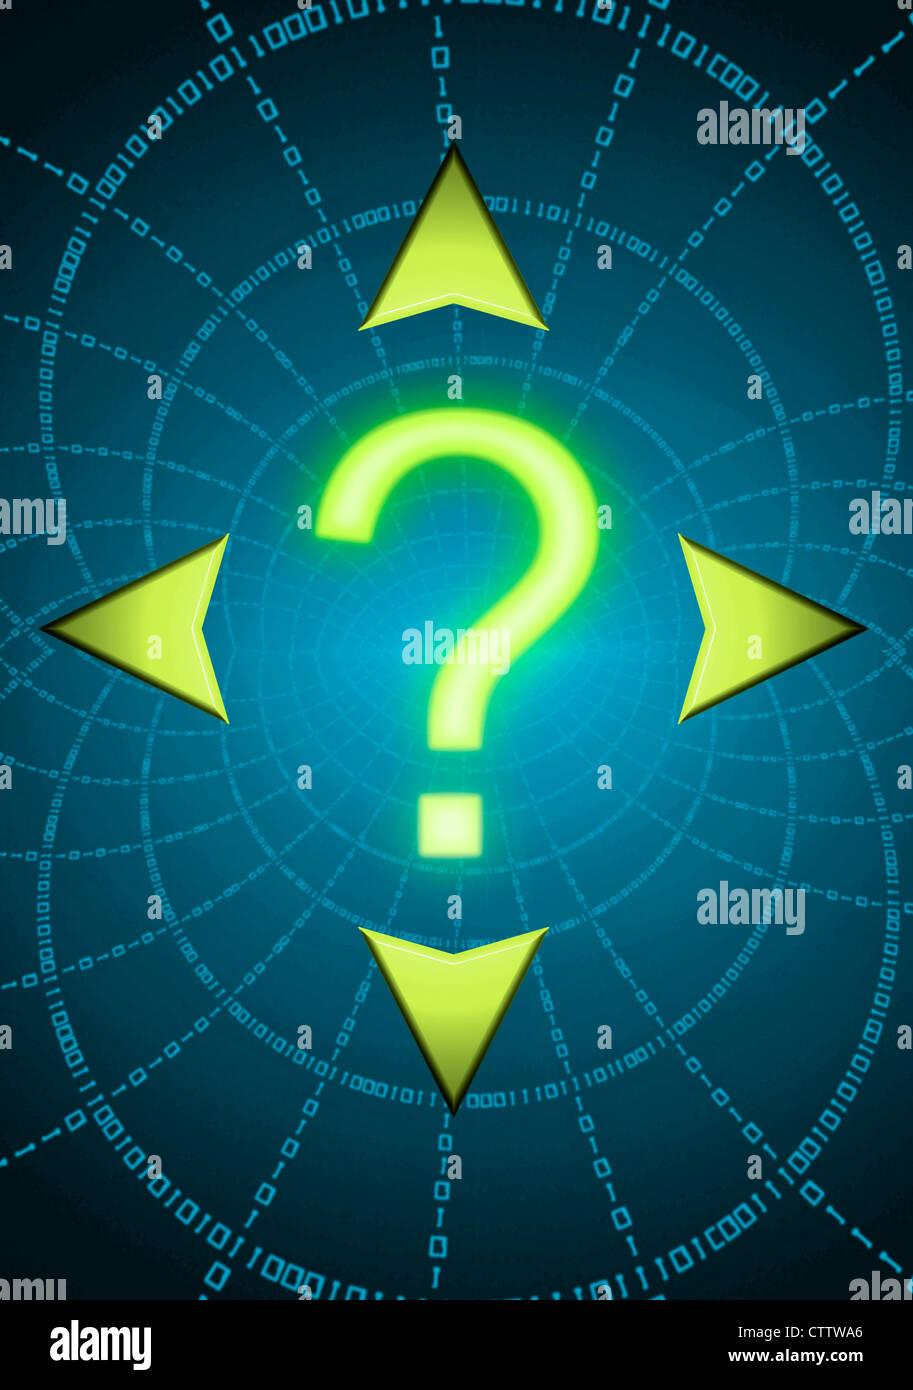 Fragezeichen und Pfeile in 4 Richtungen  - Stock Image